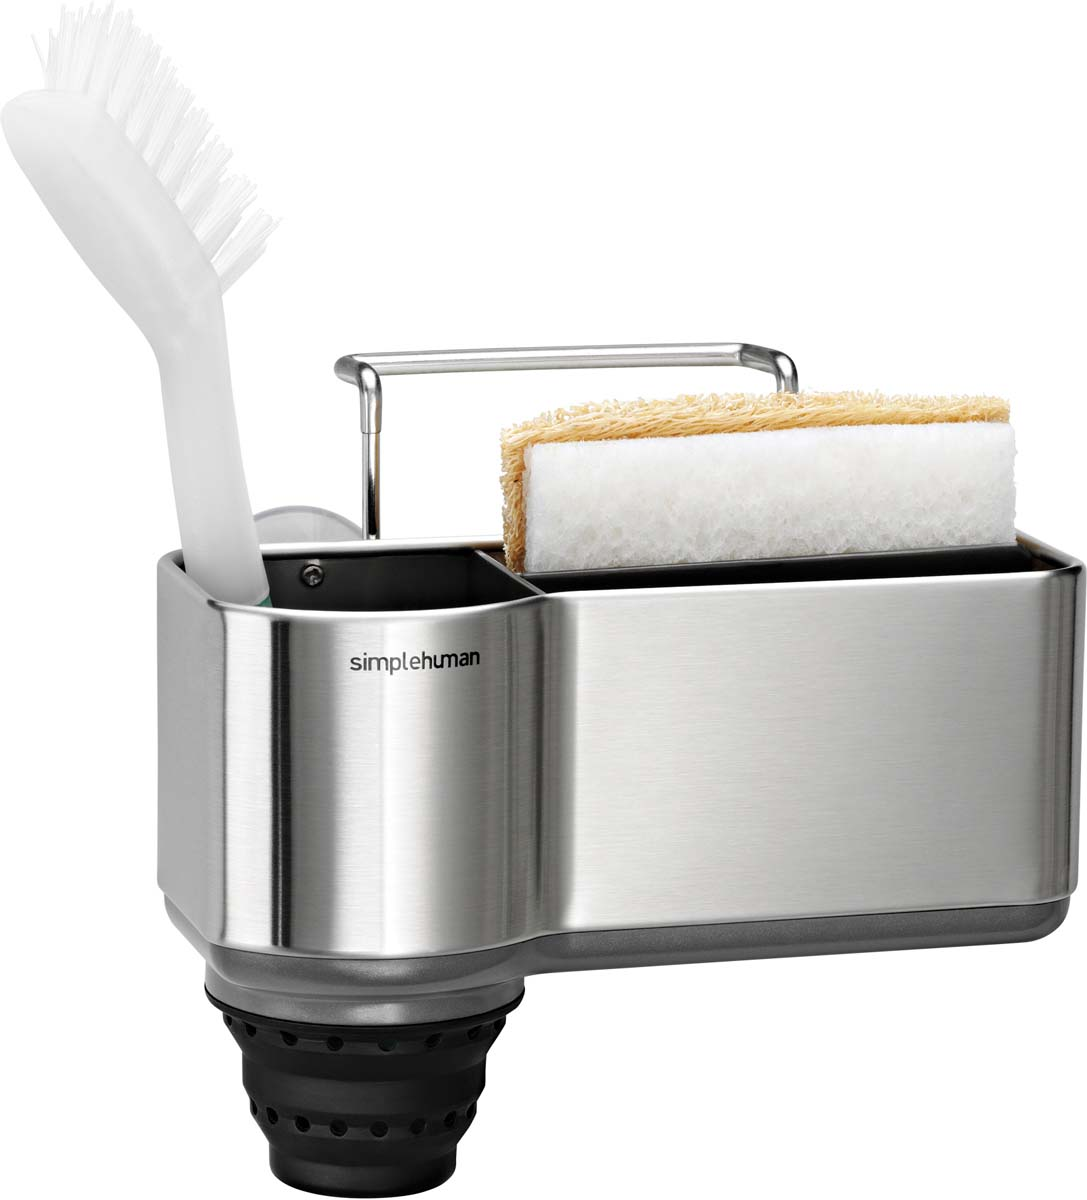 Вешалка для раковины надежно крепиться на 4 нескользящие присоски и крючок. Имеет отсеки для хранения губок и даже длинных щеток и ершиков. Благодаря форме вешалки губки быстро сохнут, что минимизирует рост бактерий. Сушилка для кухонных аксессуаров поможет содержать пространство вокруг раковины в чистоте и держать все необходимое для мытья посуды под рукой. Надежно крепится на 4 нескользящие присоски и широкую выступающую проволоку. Имеет отсеки для хранения губок, а также выдвигающийся силиконовый отсек для длинных щеток и ершиков. Благодаря отверстиям в дне сушилки и приподнятому отделению для губок, аксессуары быстро сохнут, что минимизирует рост бактерий. Сушилка сделана из прочных и долговечных материалов, устойчивых к ржавчине и выцветанию. Компания SH использует лучшие материалы и новейшие технологии при производстве, поэтому наша продукция будет служить вам годами.